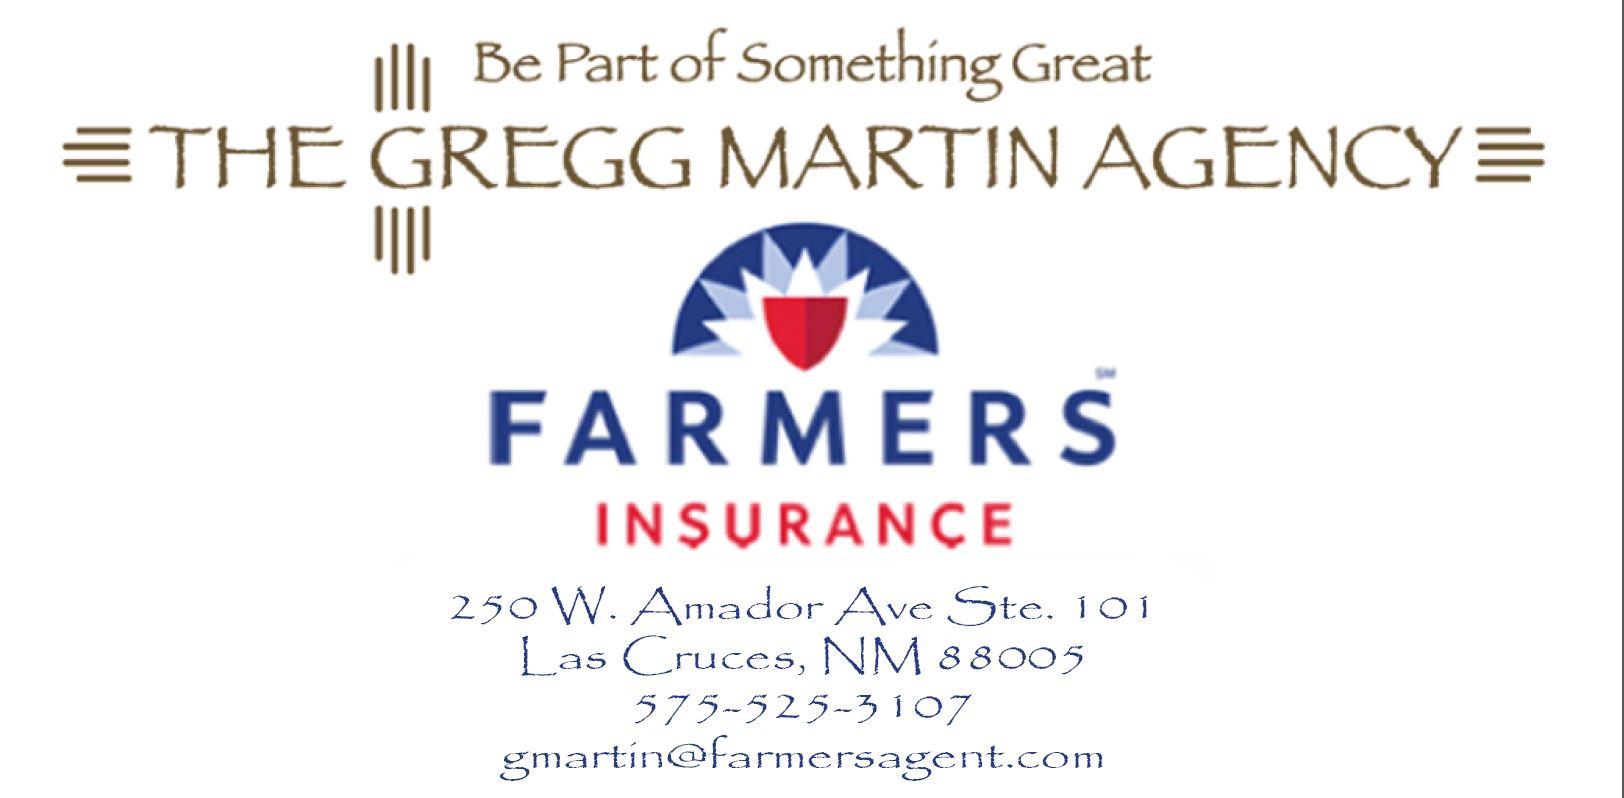 Gregg Martin Agency